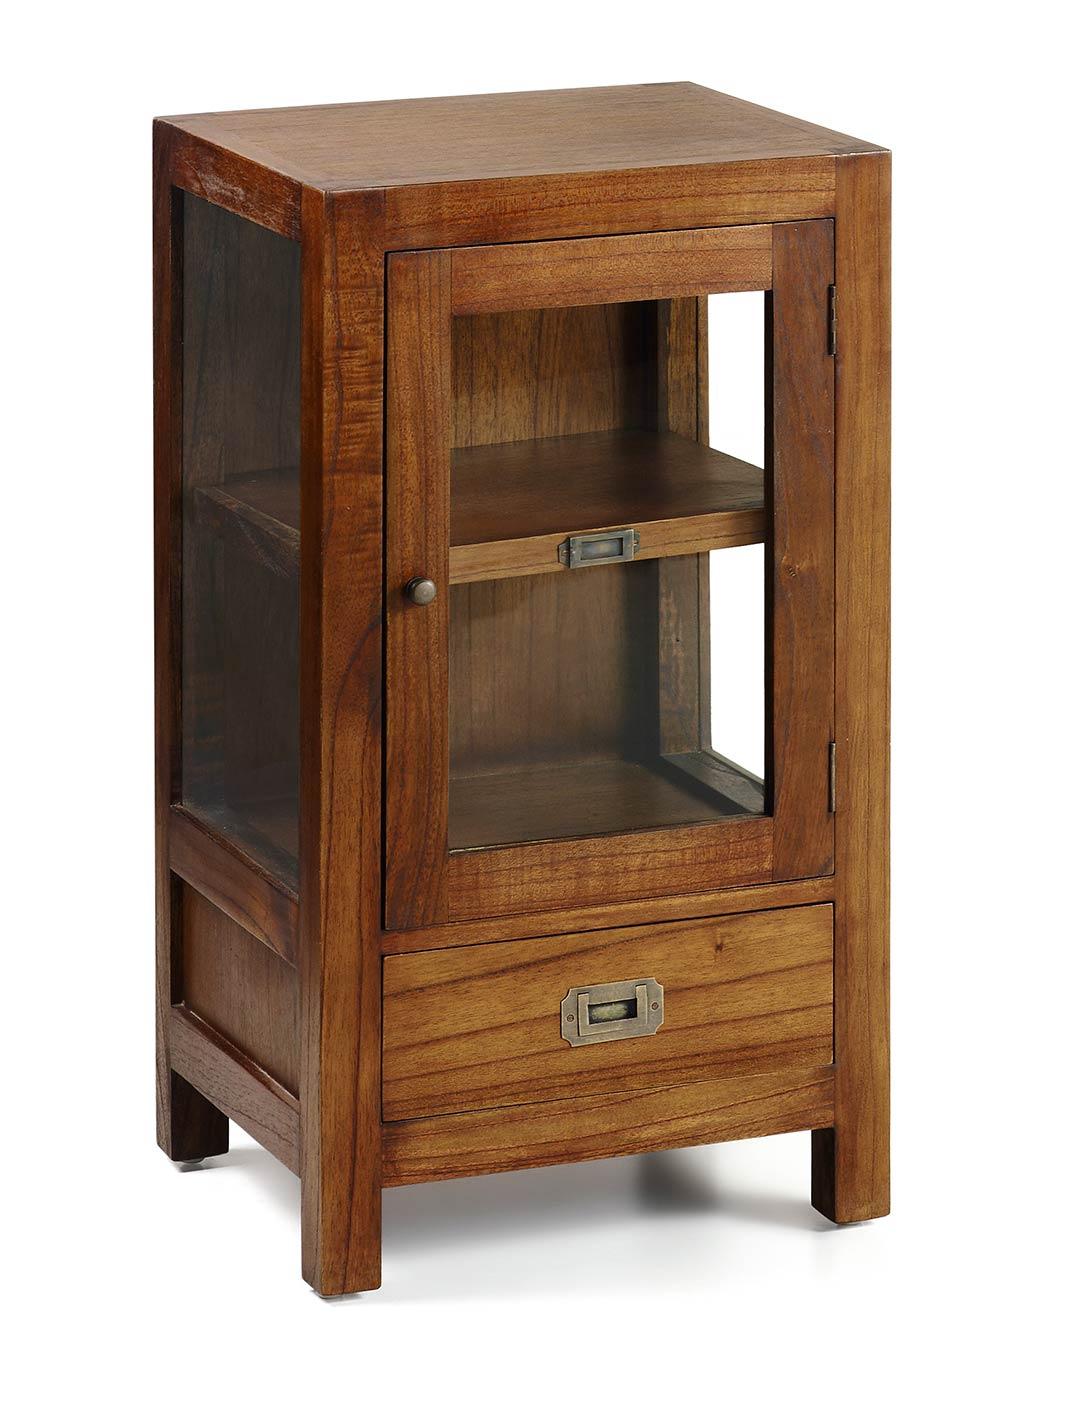 meuble t l phone en bois de mindy 1 porte 1 tiroir. Black Bedroom Furniture Sets. Home Design Ideas